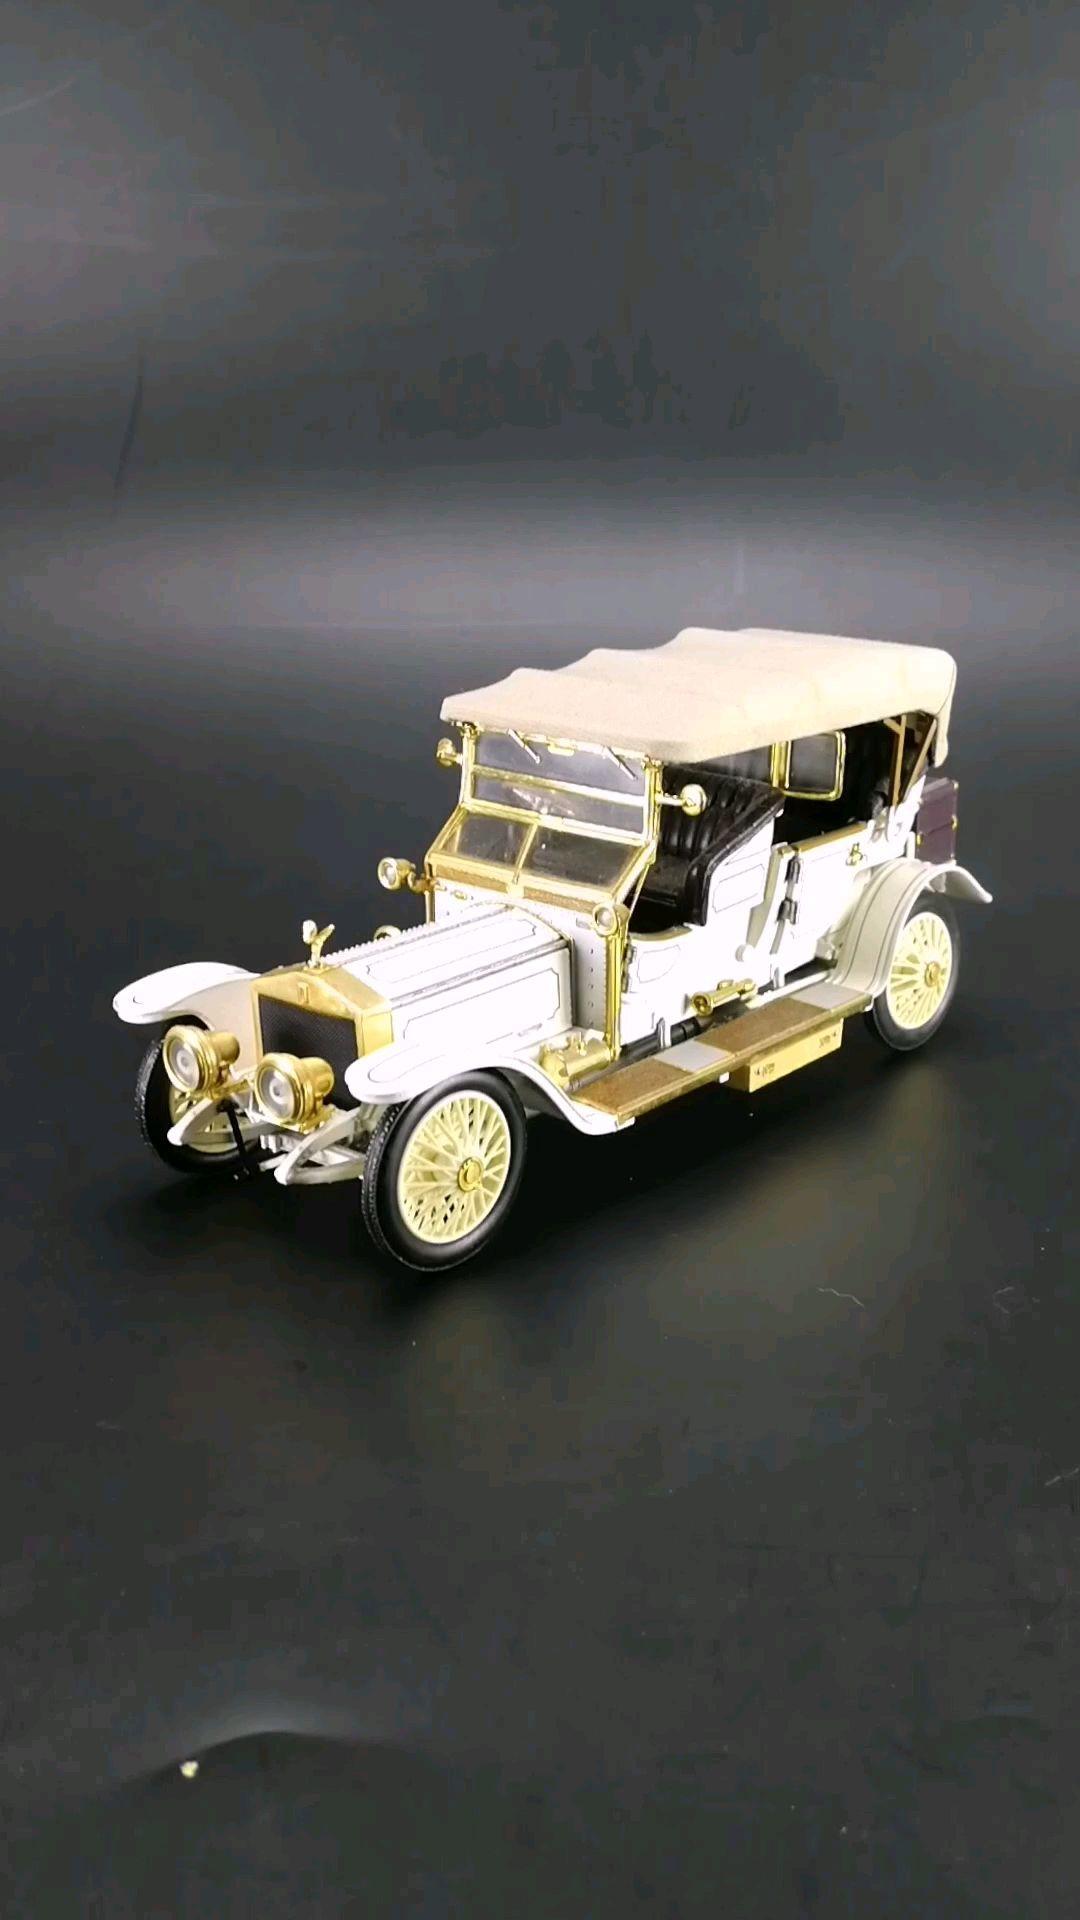 1911劳斯莱斯银灵,第一辆使用银天使车标的劳斯莱斯。1:24东晓汽车模型收藏馆提供。